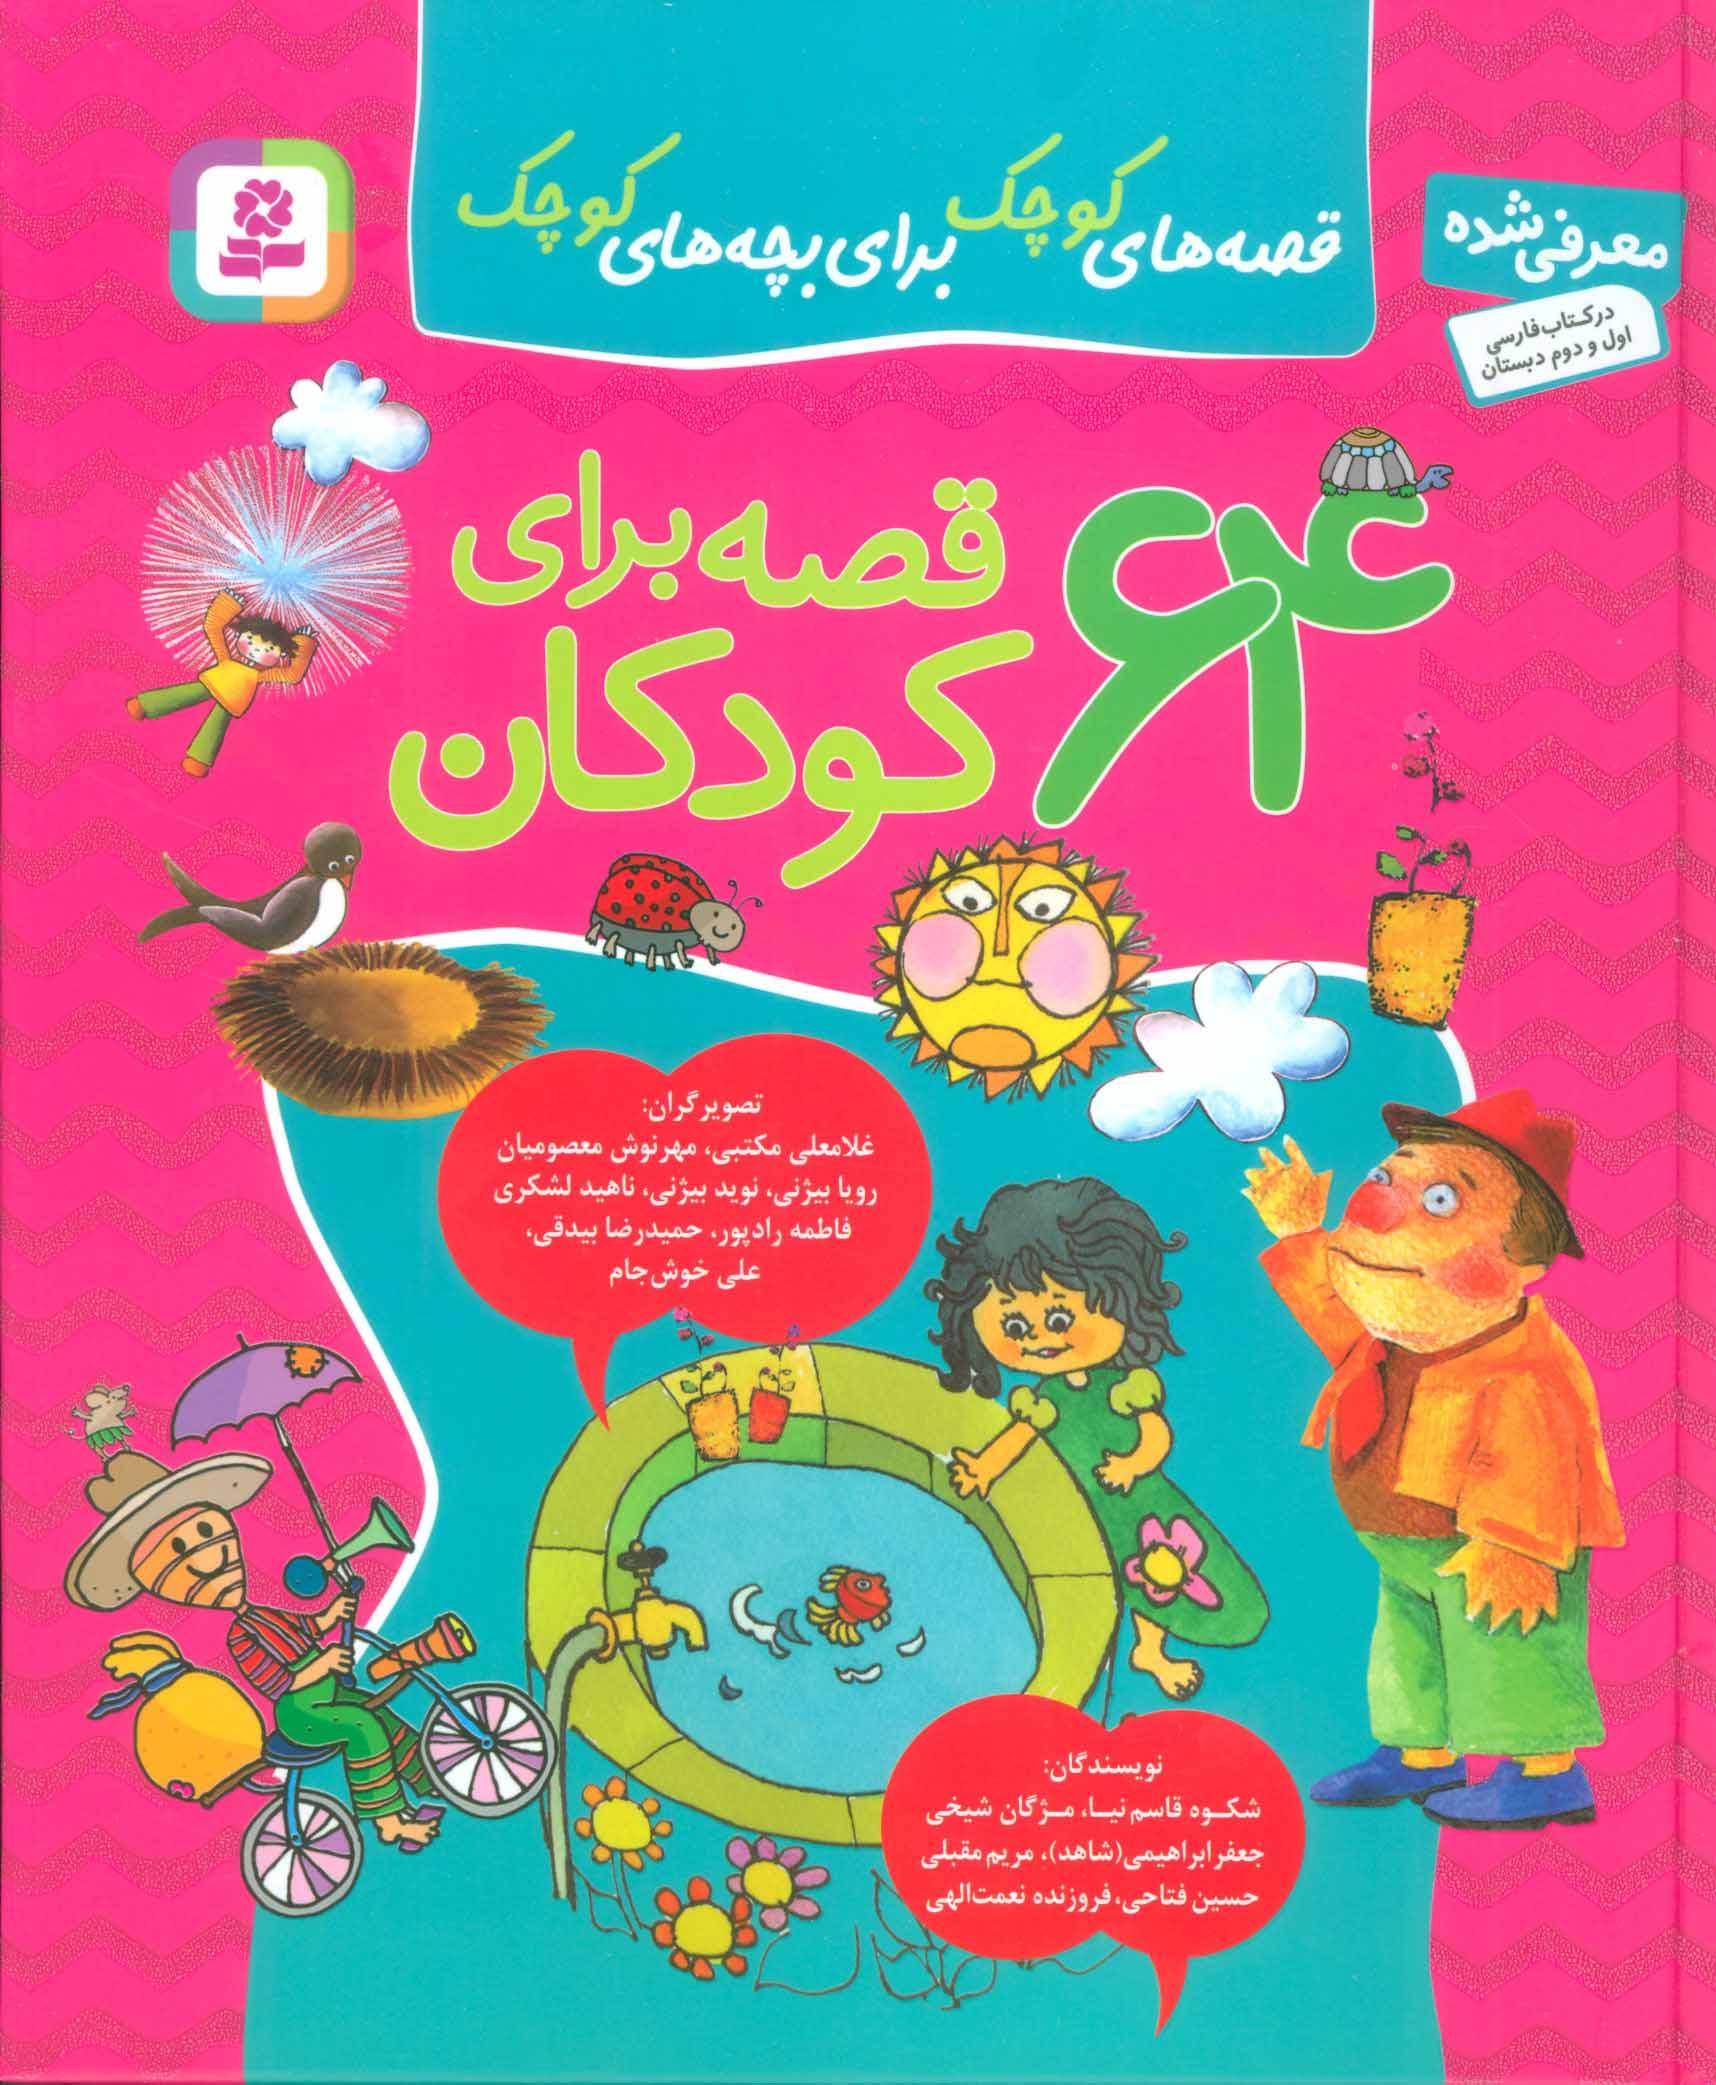 مجموعه 64 قصه برای کودکان (قصه های کوچک برای بچه های کوچک)